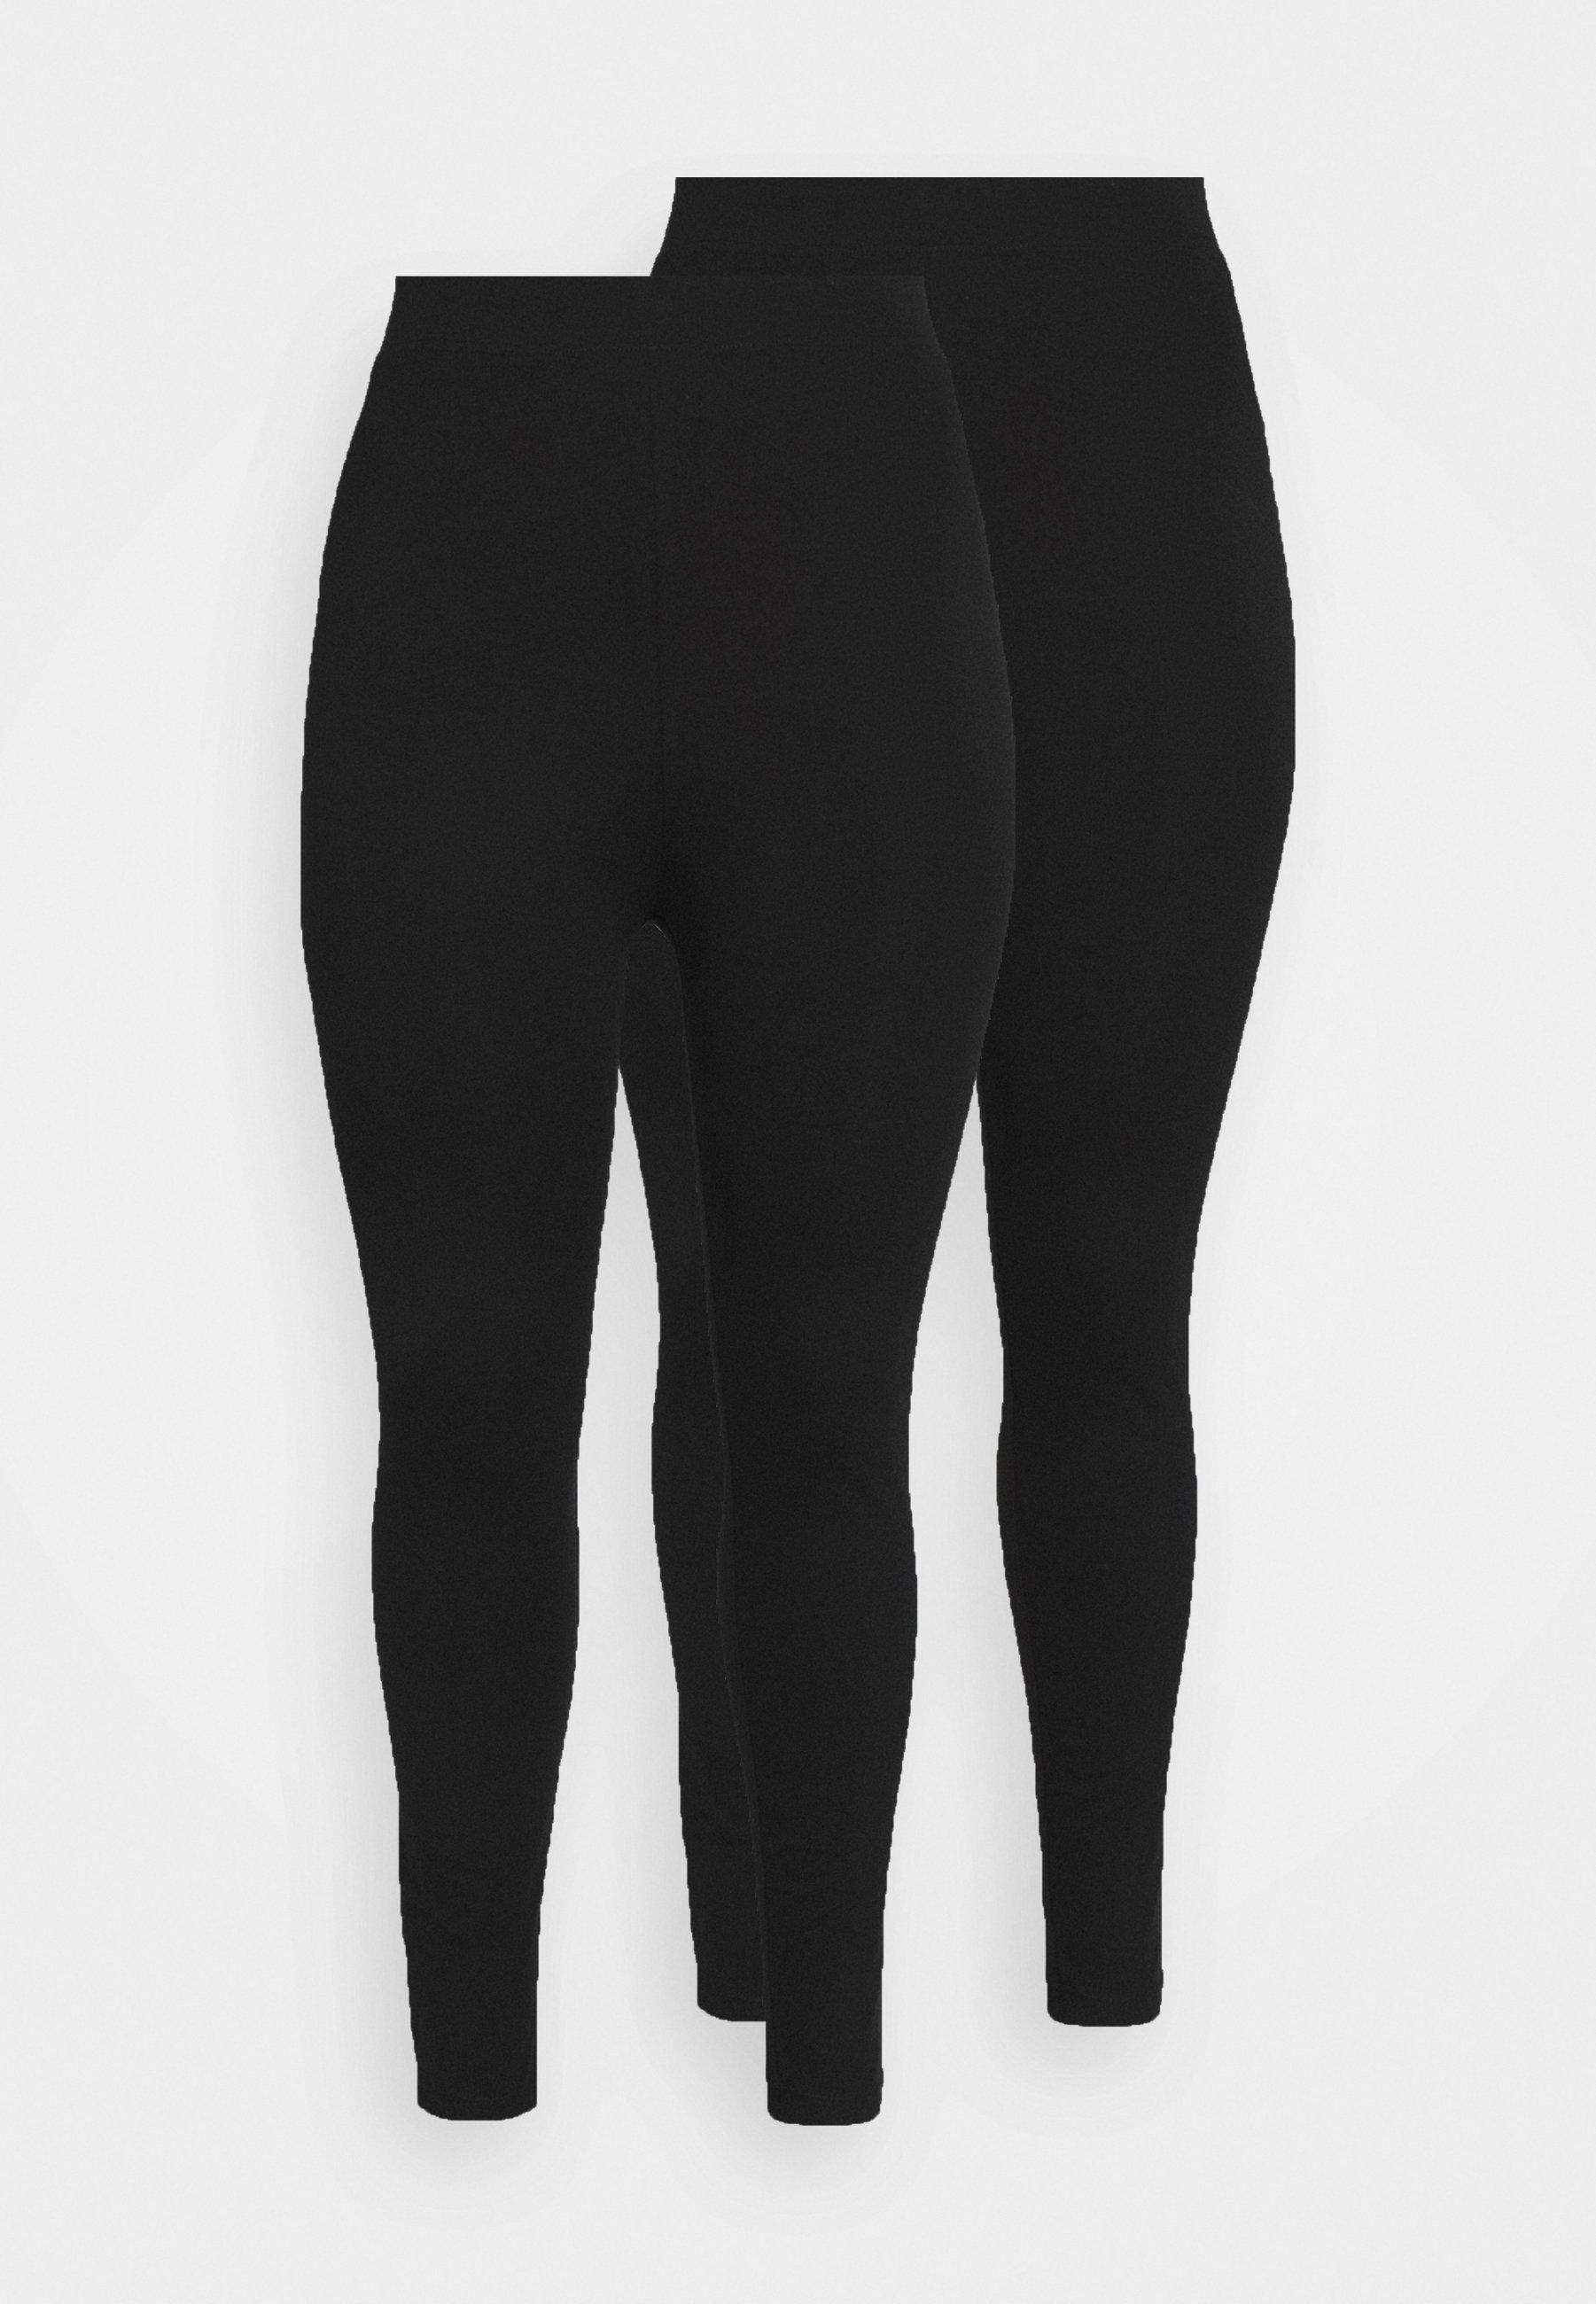 Femme 2 pack HIGH WAIST legging - Legging